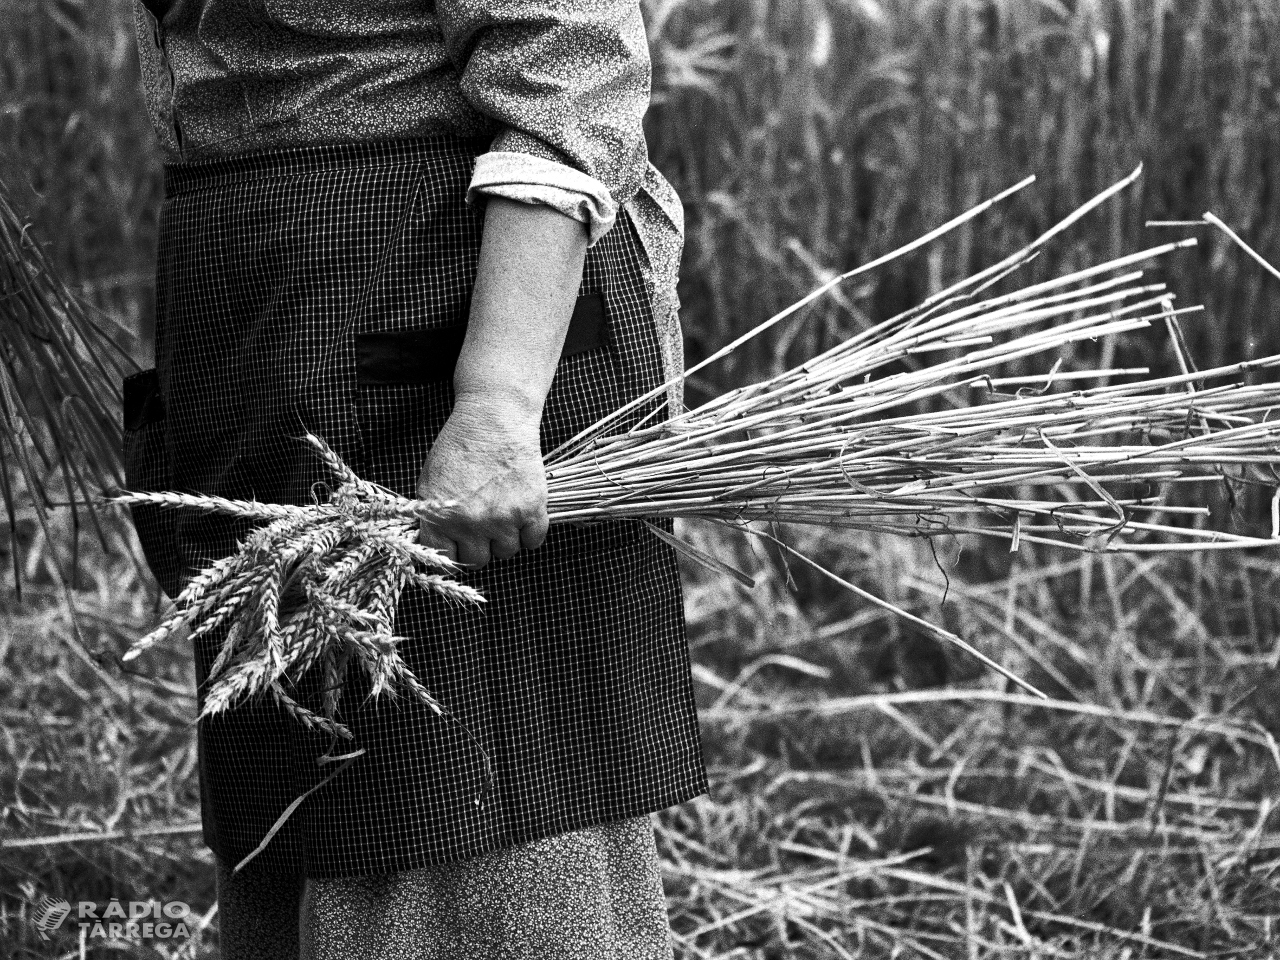 Un estudi sosté que l'envelliment i la despoblació afectaran el món rural de manera desigual els pròxims anys